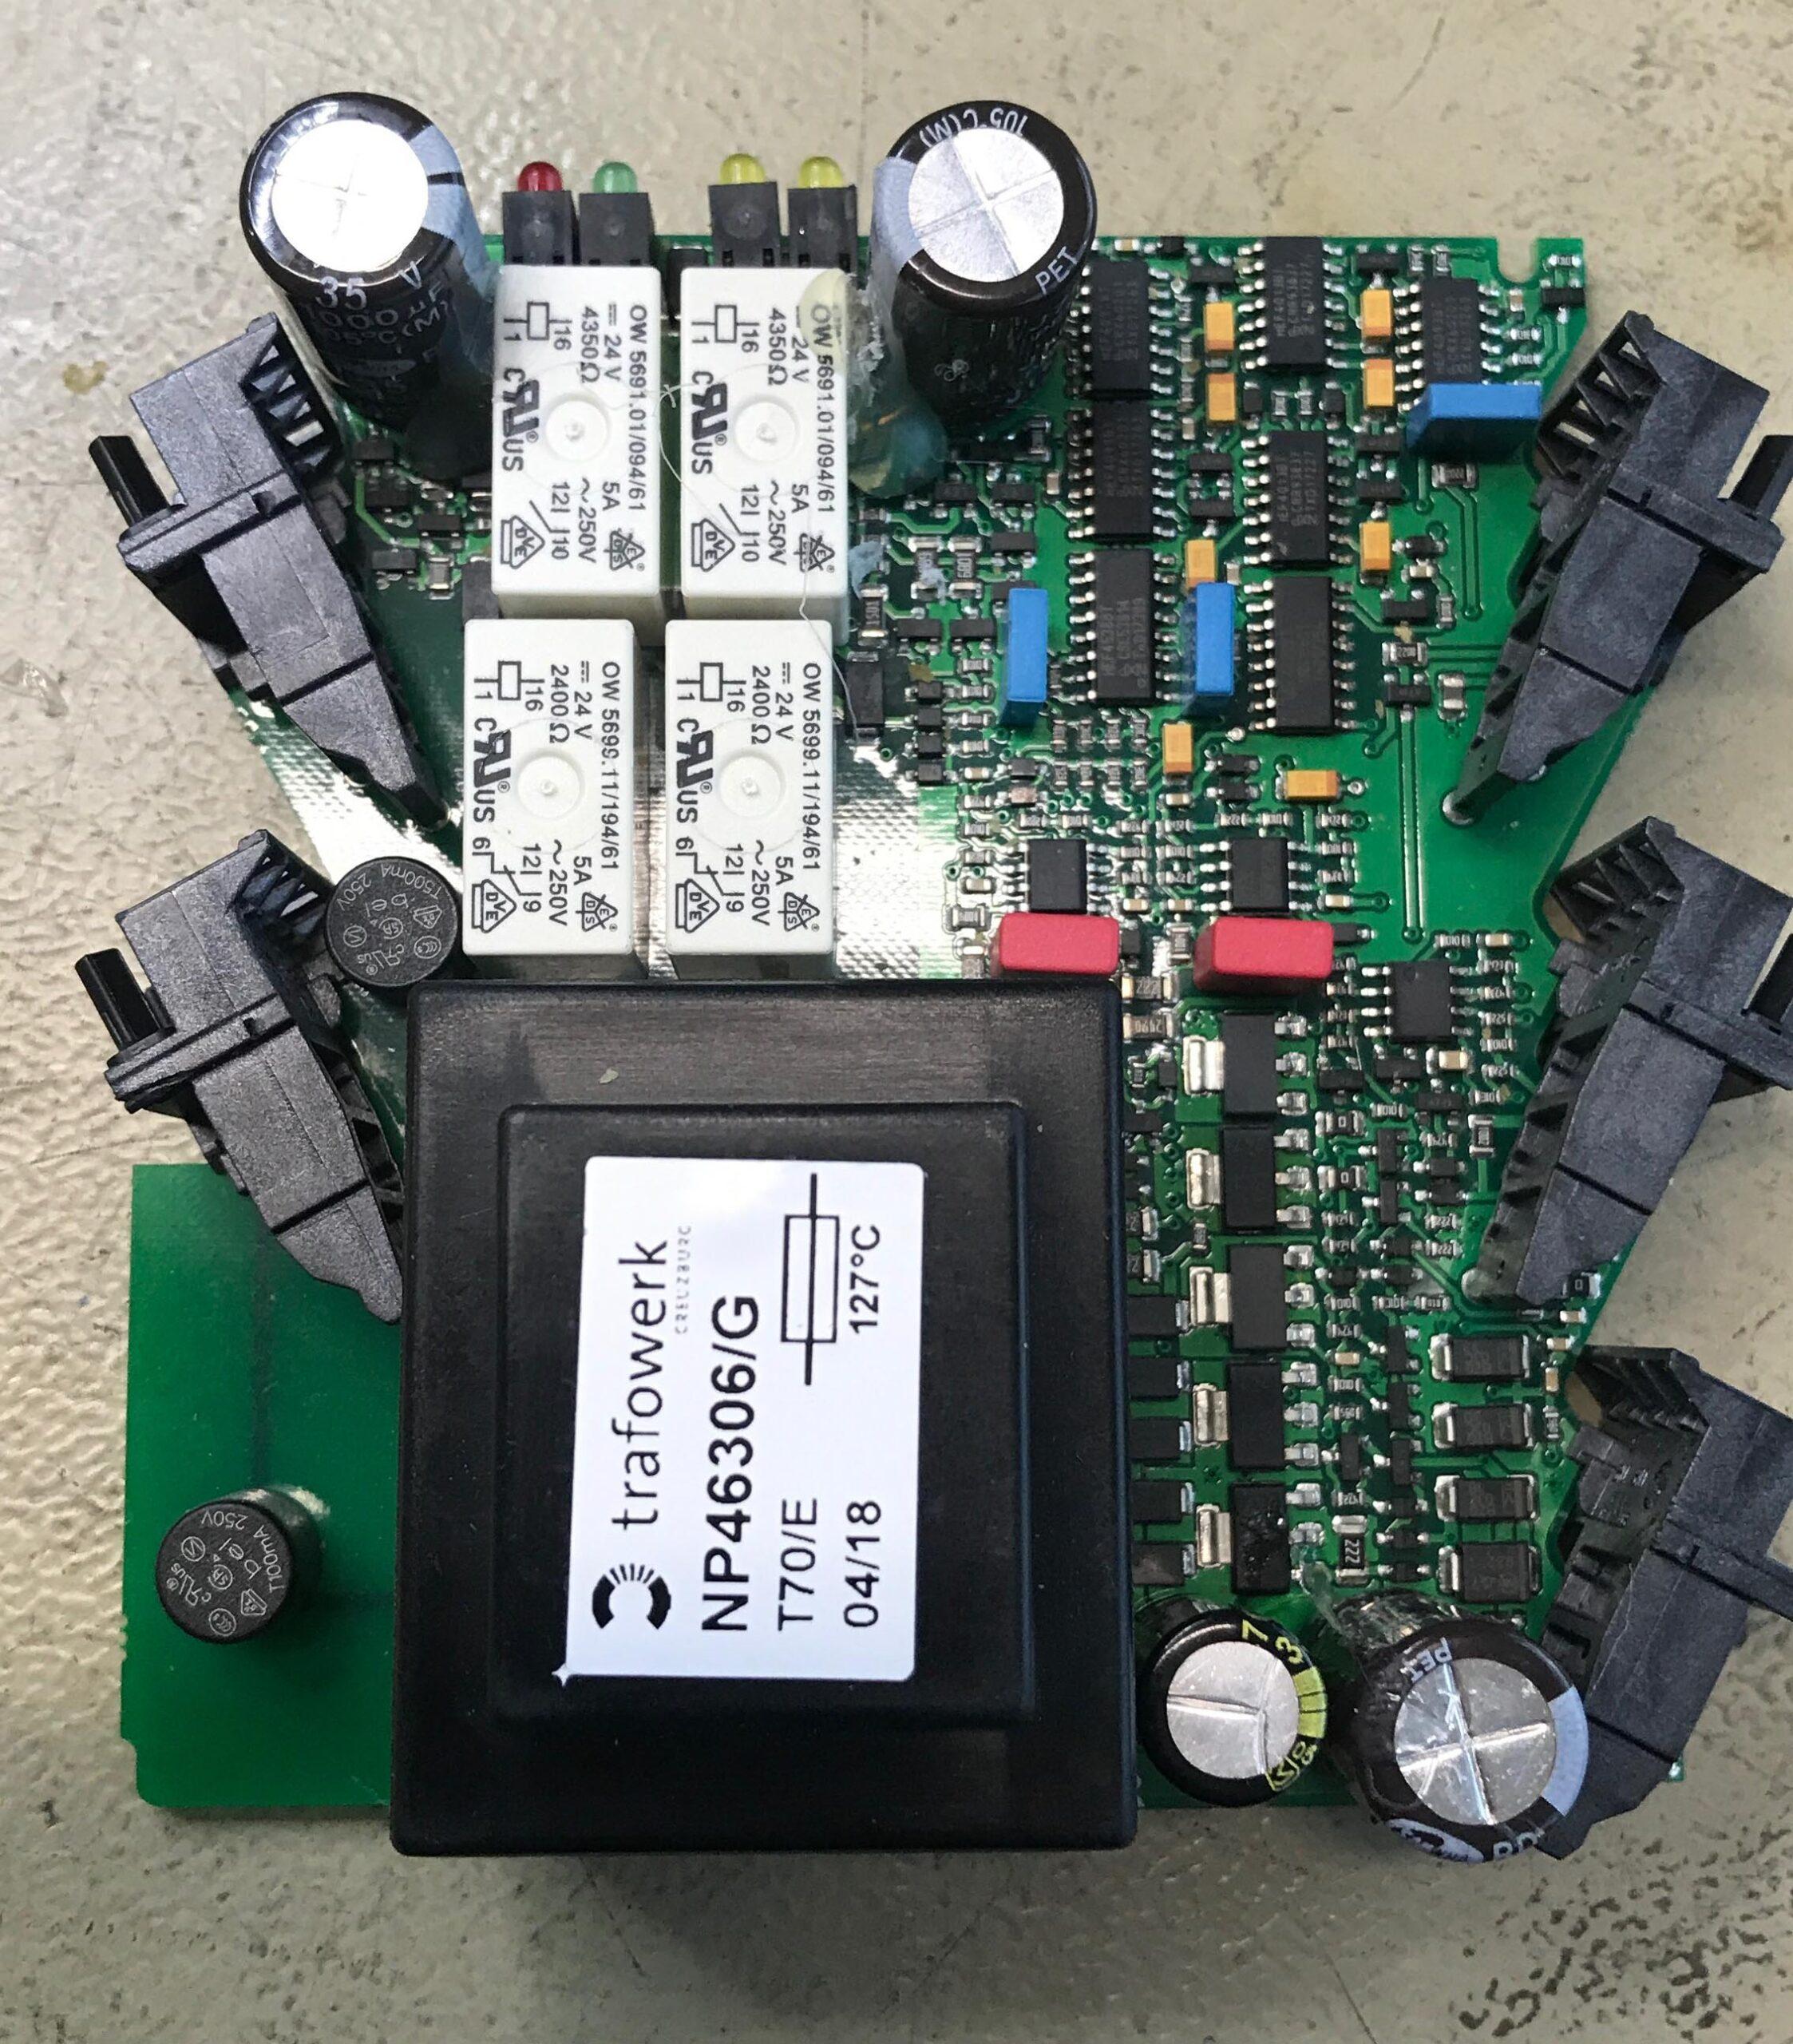 Lamtec Lpzg. F152 Alarm module